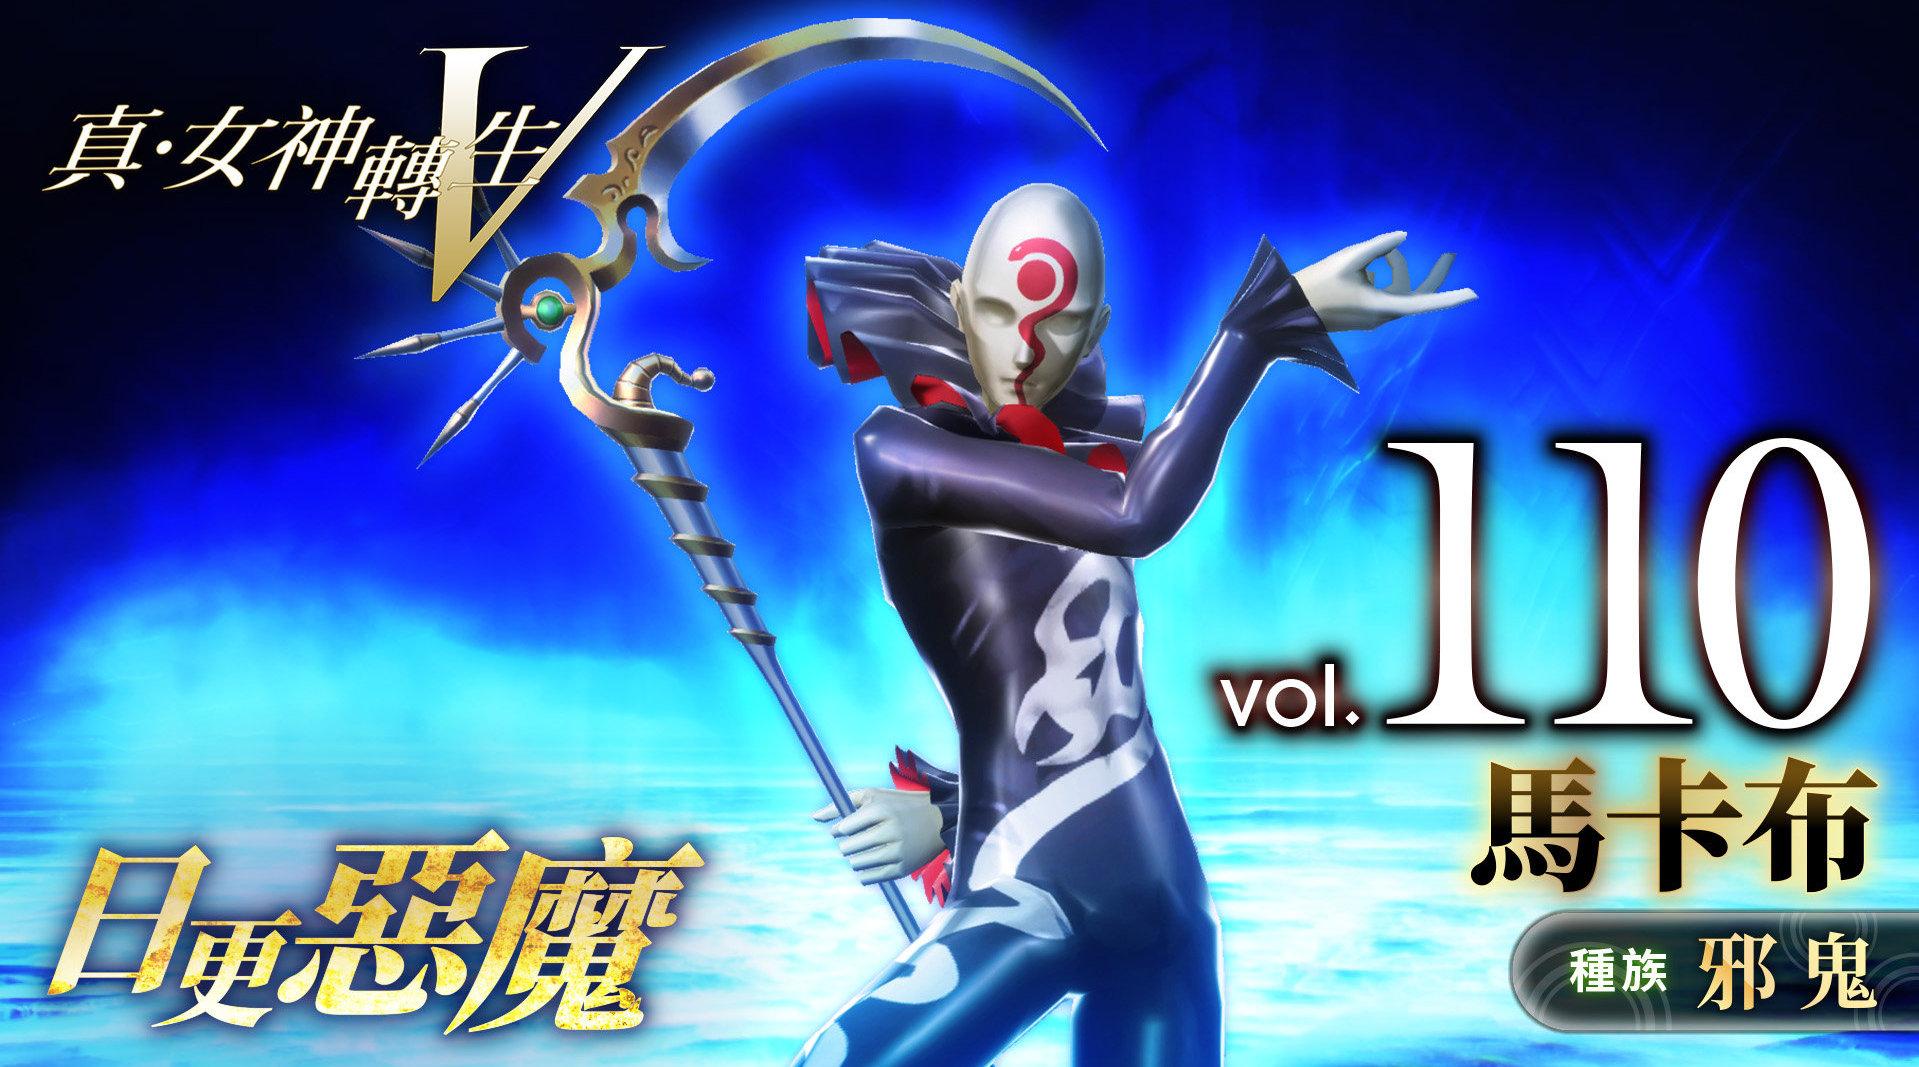 《真女神转生5》恶魔介绍:挥舞镰刀的恶灵 马卡布